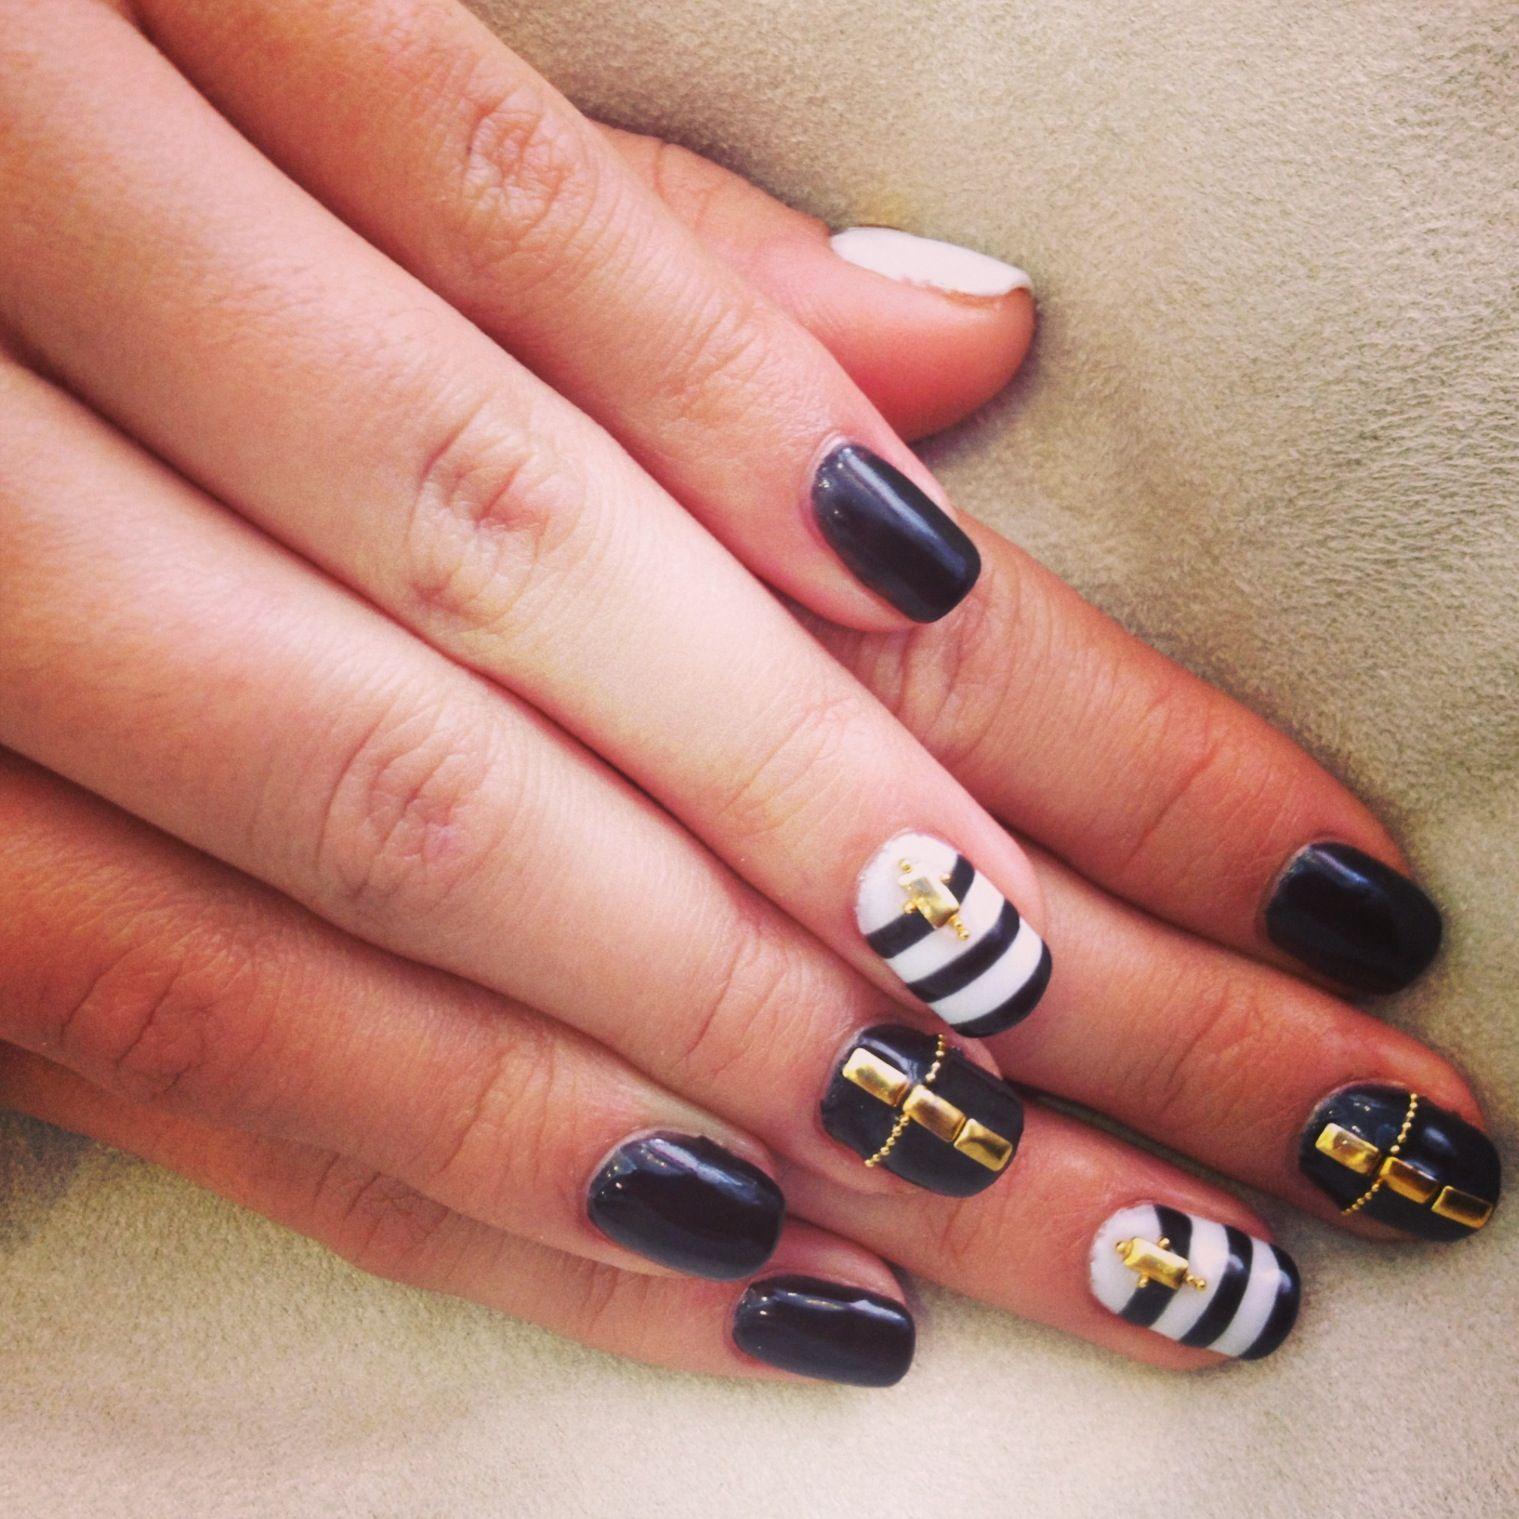 Sweety nail n spa | Nail designs, Nails, Design